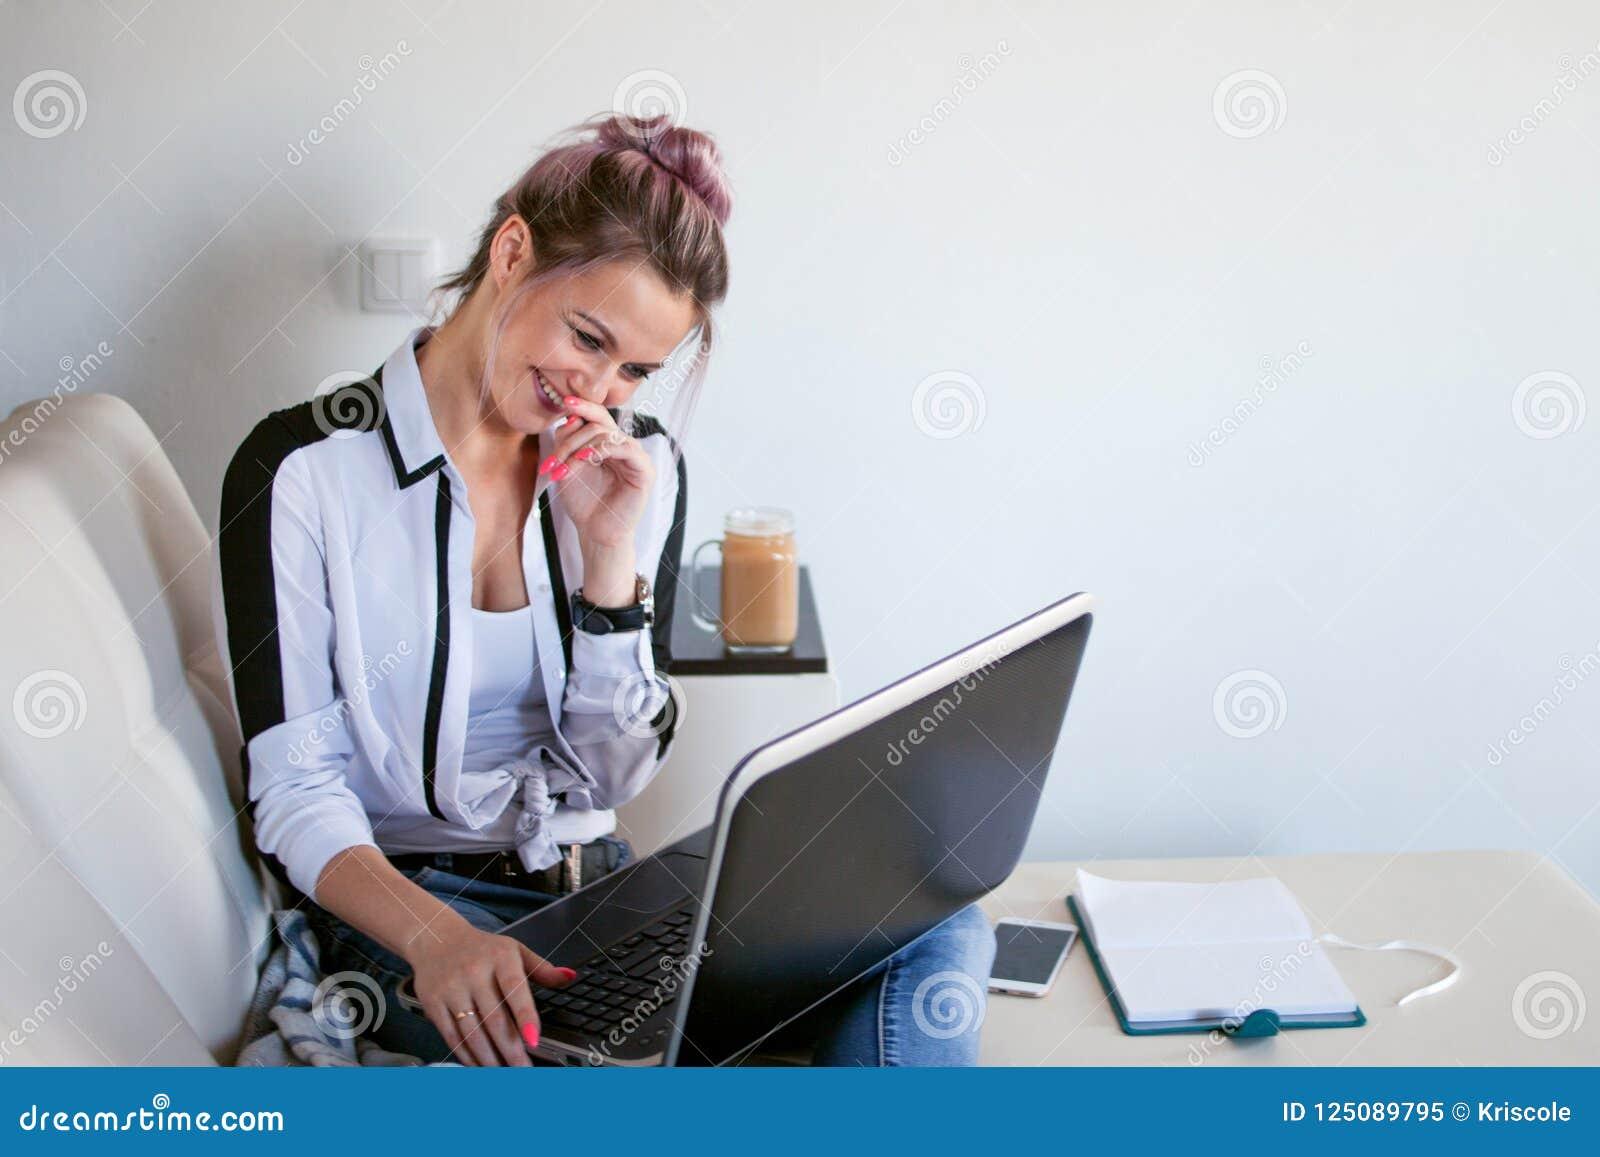 De online mededeling, een jonge vrouw bekijkt laptop en lacht